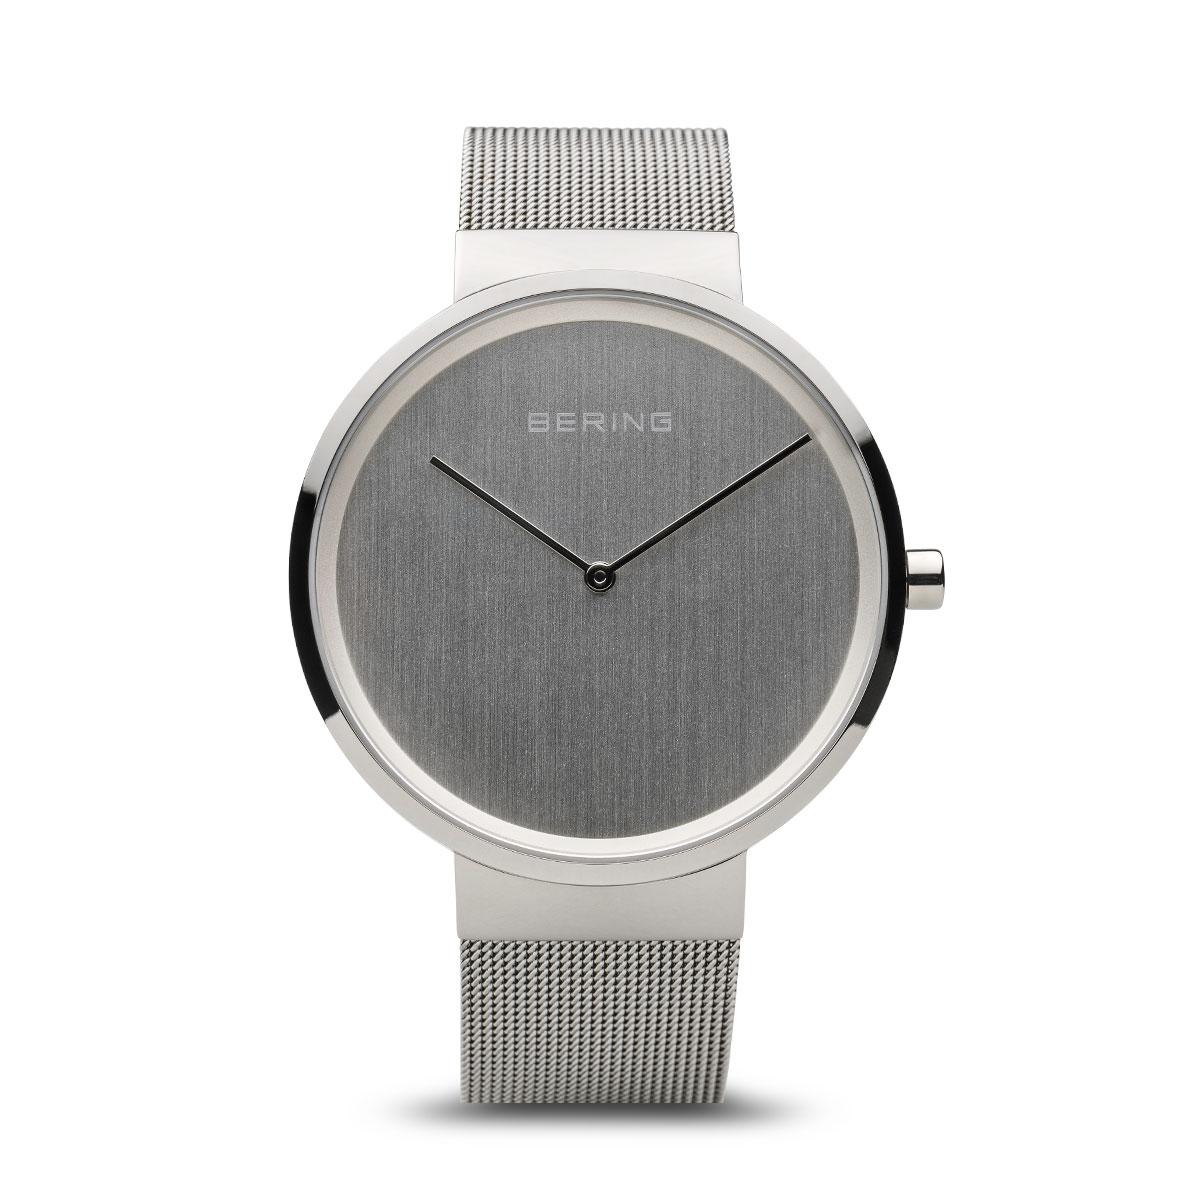 Bering Classic férfi óra fém szíjjal ezüst számlappal - 14539-000 c462aa4837